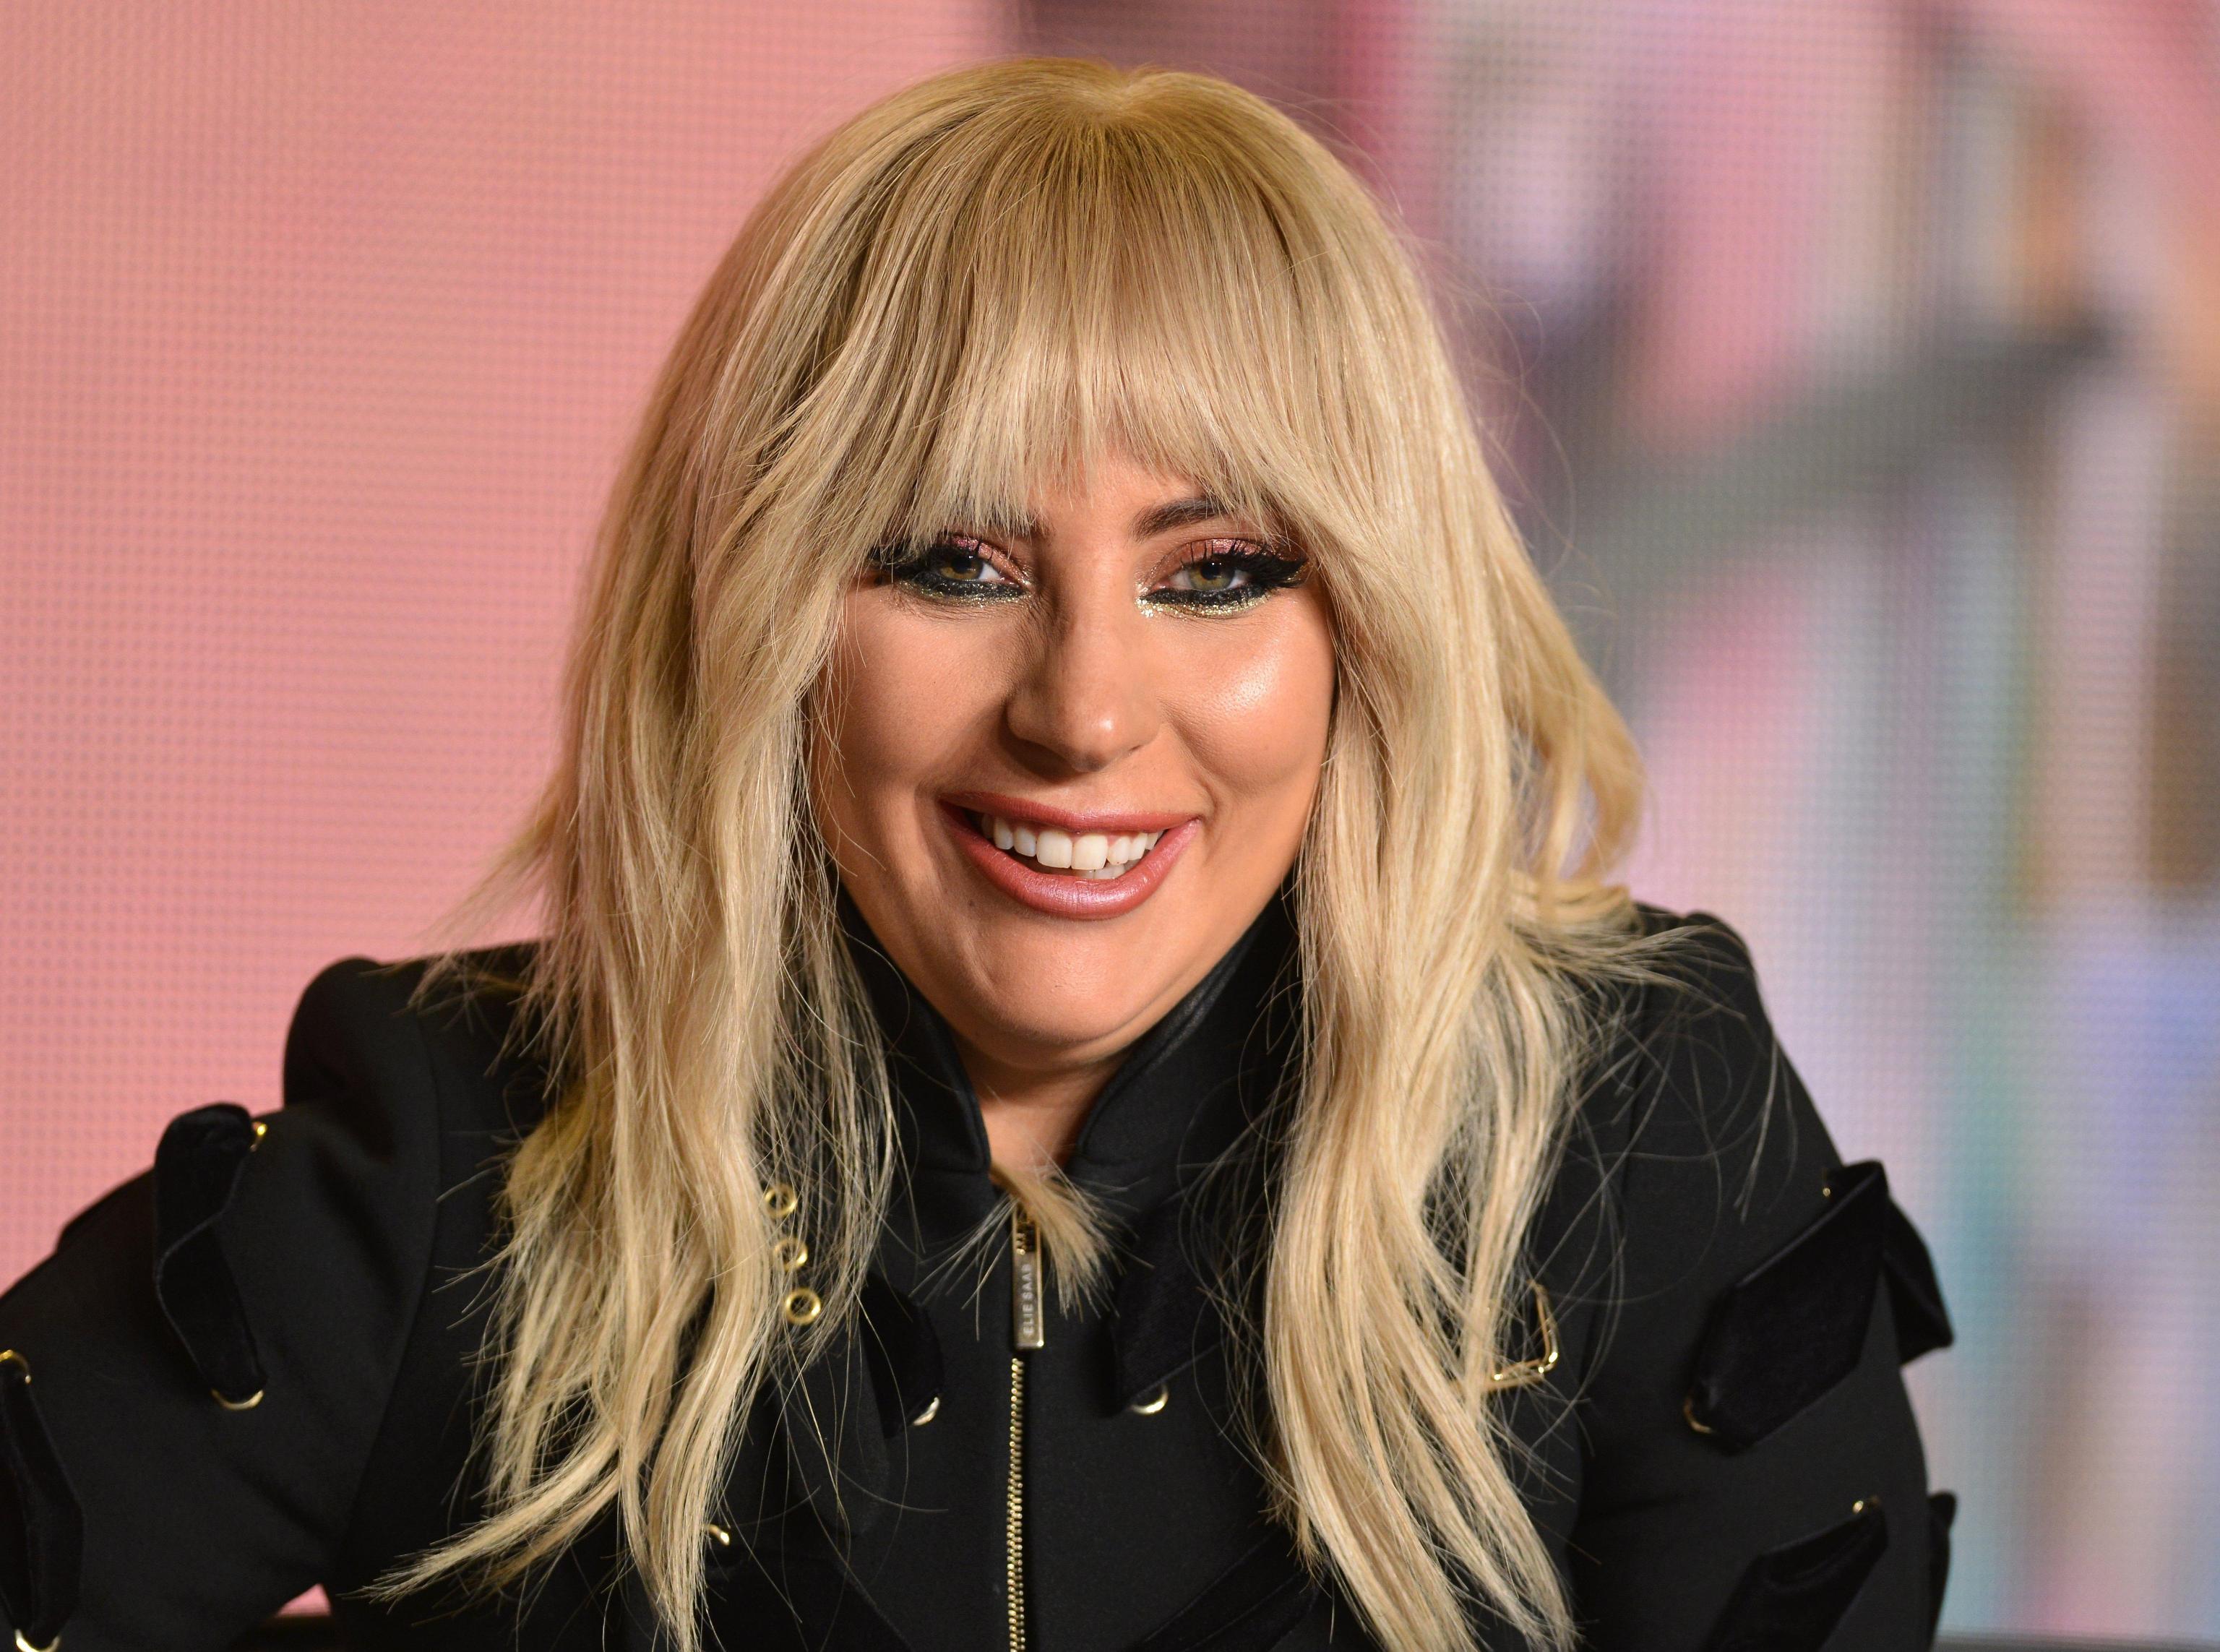 Lady Gaga ricoverata in ospedale: 'Sto veramente male'